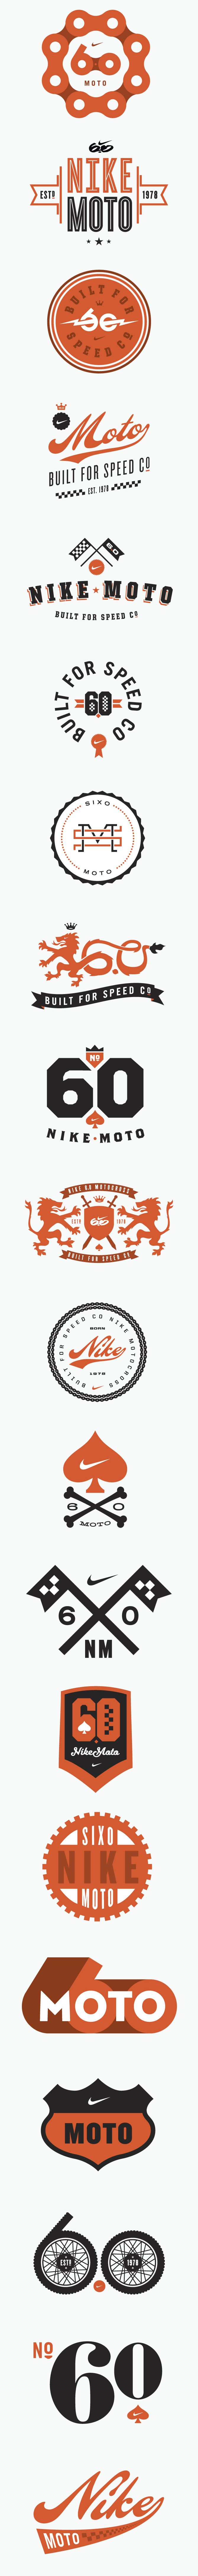 Nike 6.0 Motocross Logos bike vintage chain sports yadda yadda yadda